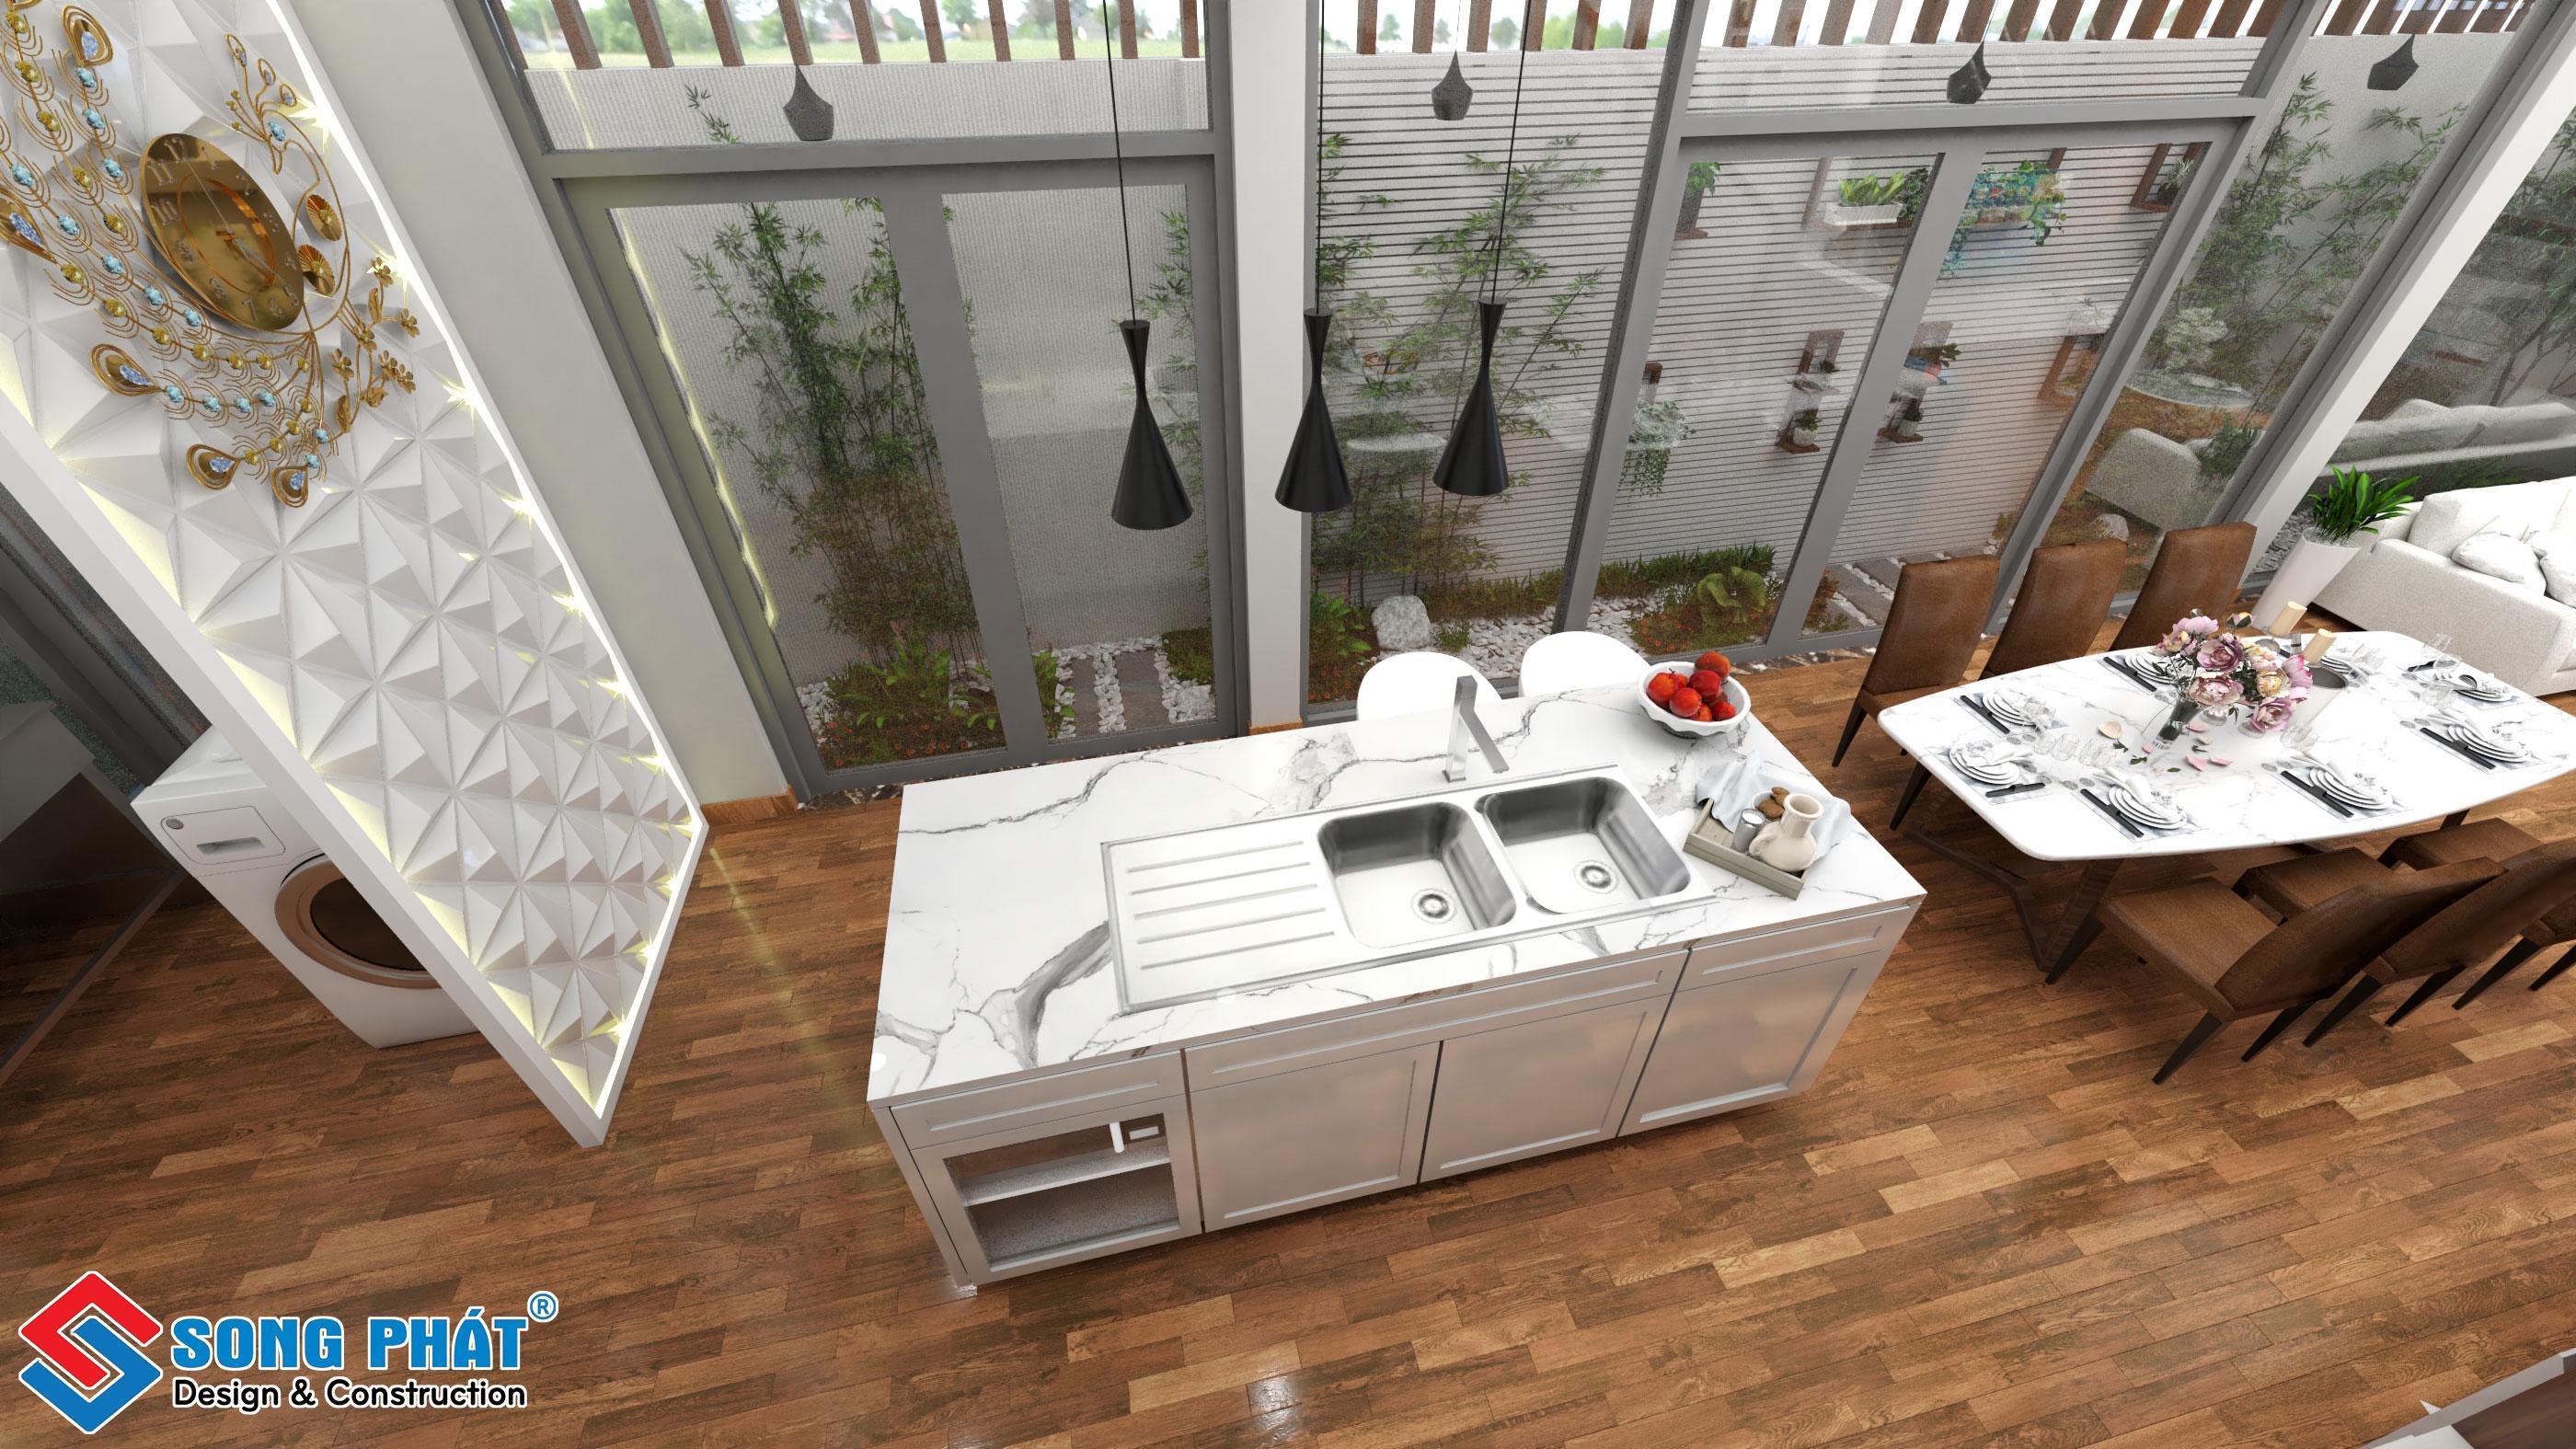 Bàn đảo bếp có lavabo.